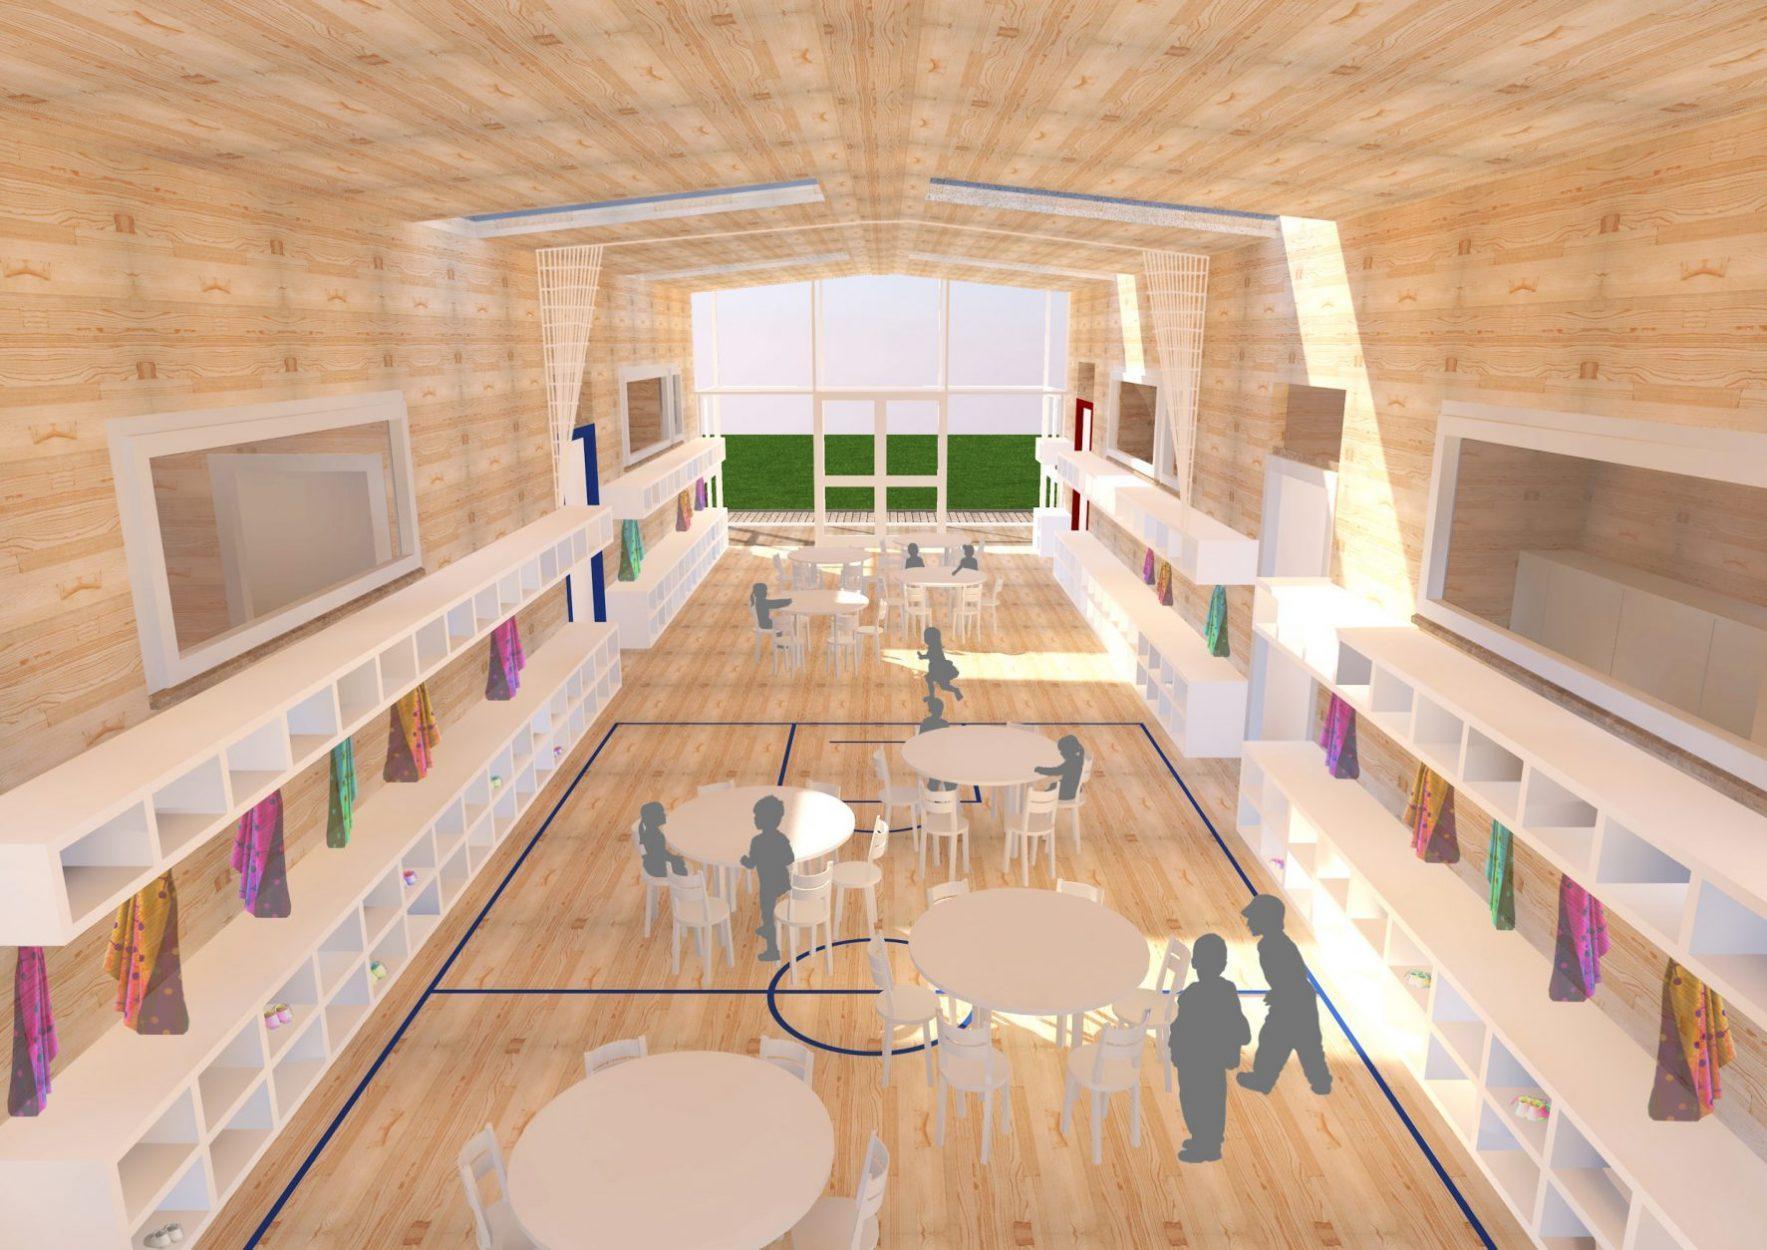 modular-bauen-beispiel-kindergarten-foyer